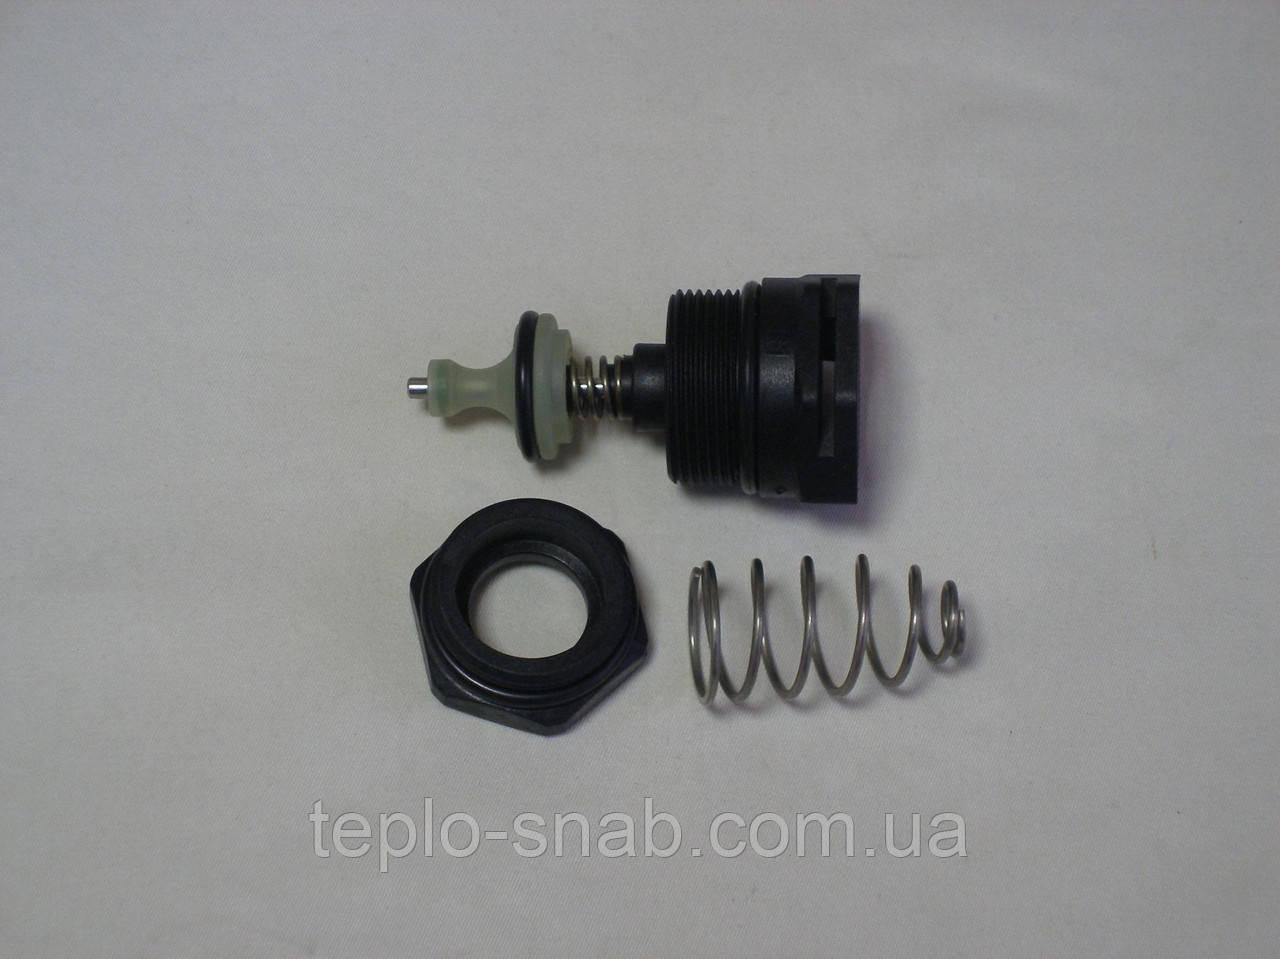 Ремкомплект 3-х ходового клапана (в зборі з гайкою) газового навісного котла Demrad Atron/Protherm Lynx.